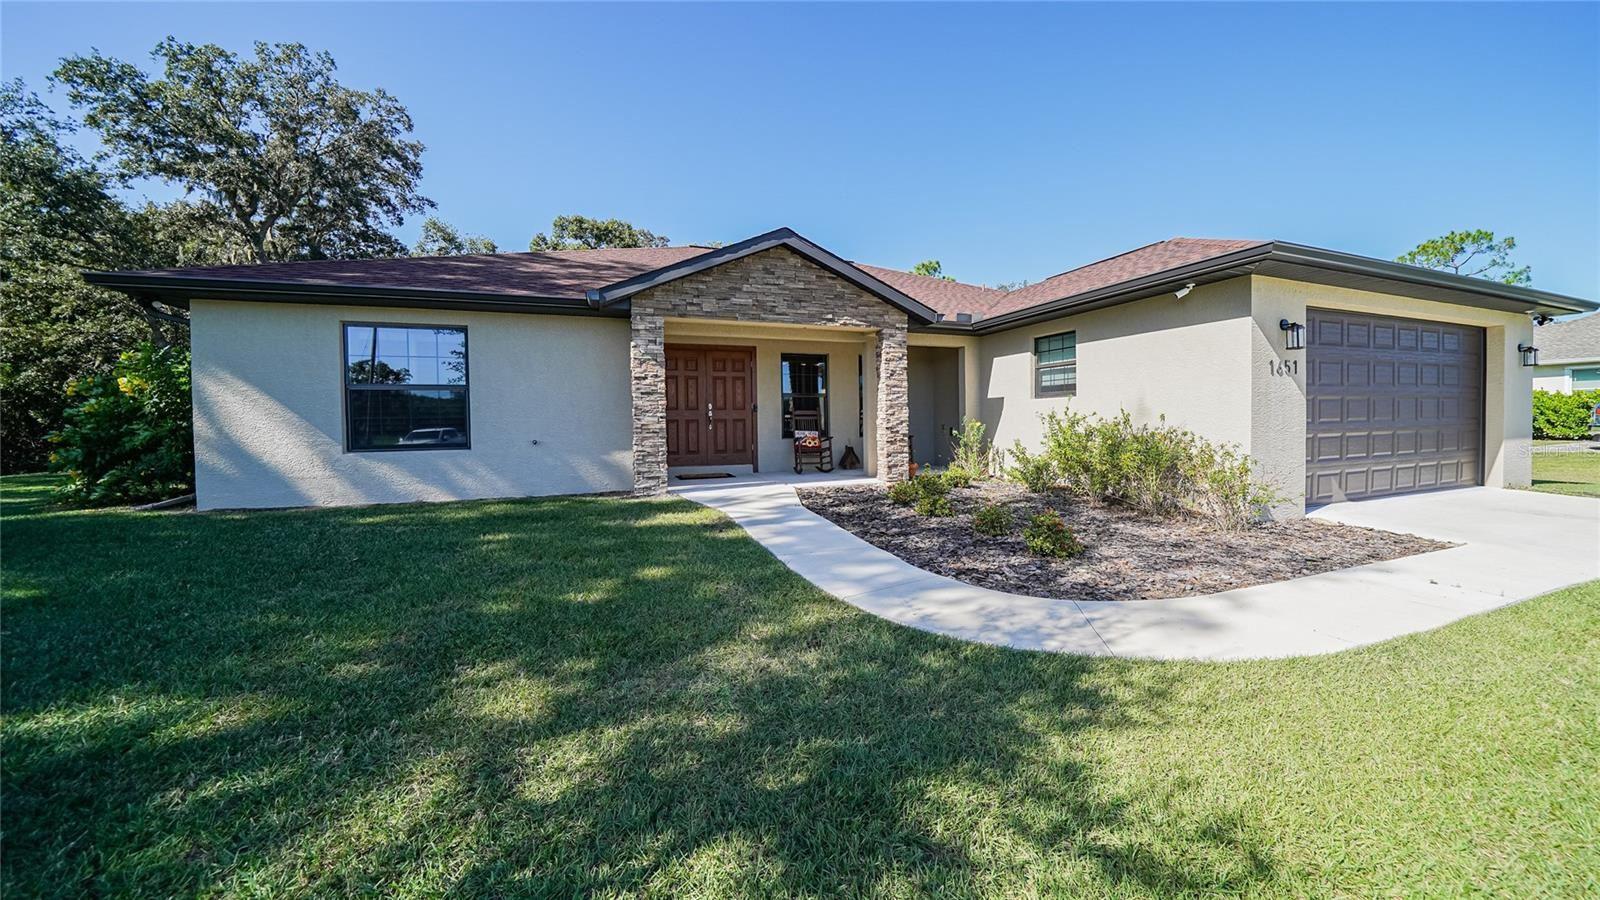 1651 SE HONEYBELL LANE, Arcadia, FL 34266 - #: C7448192